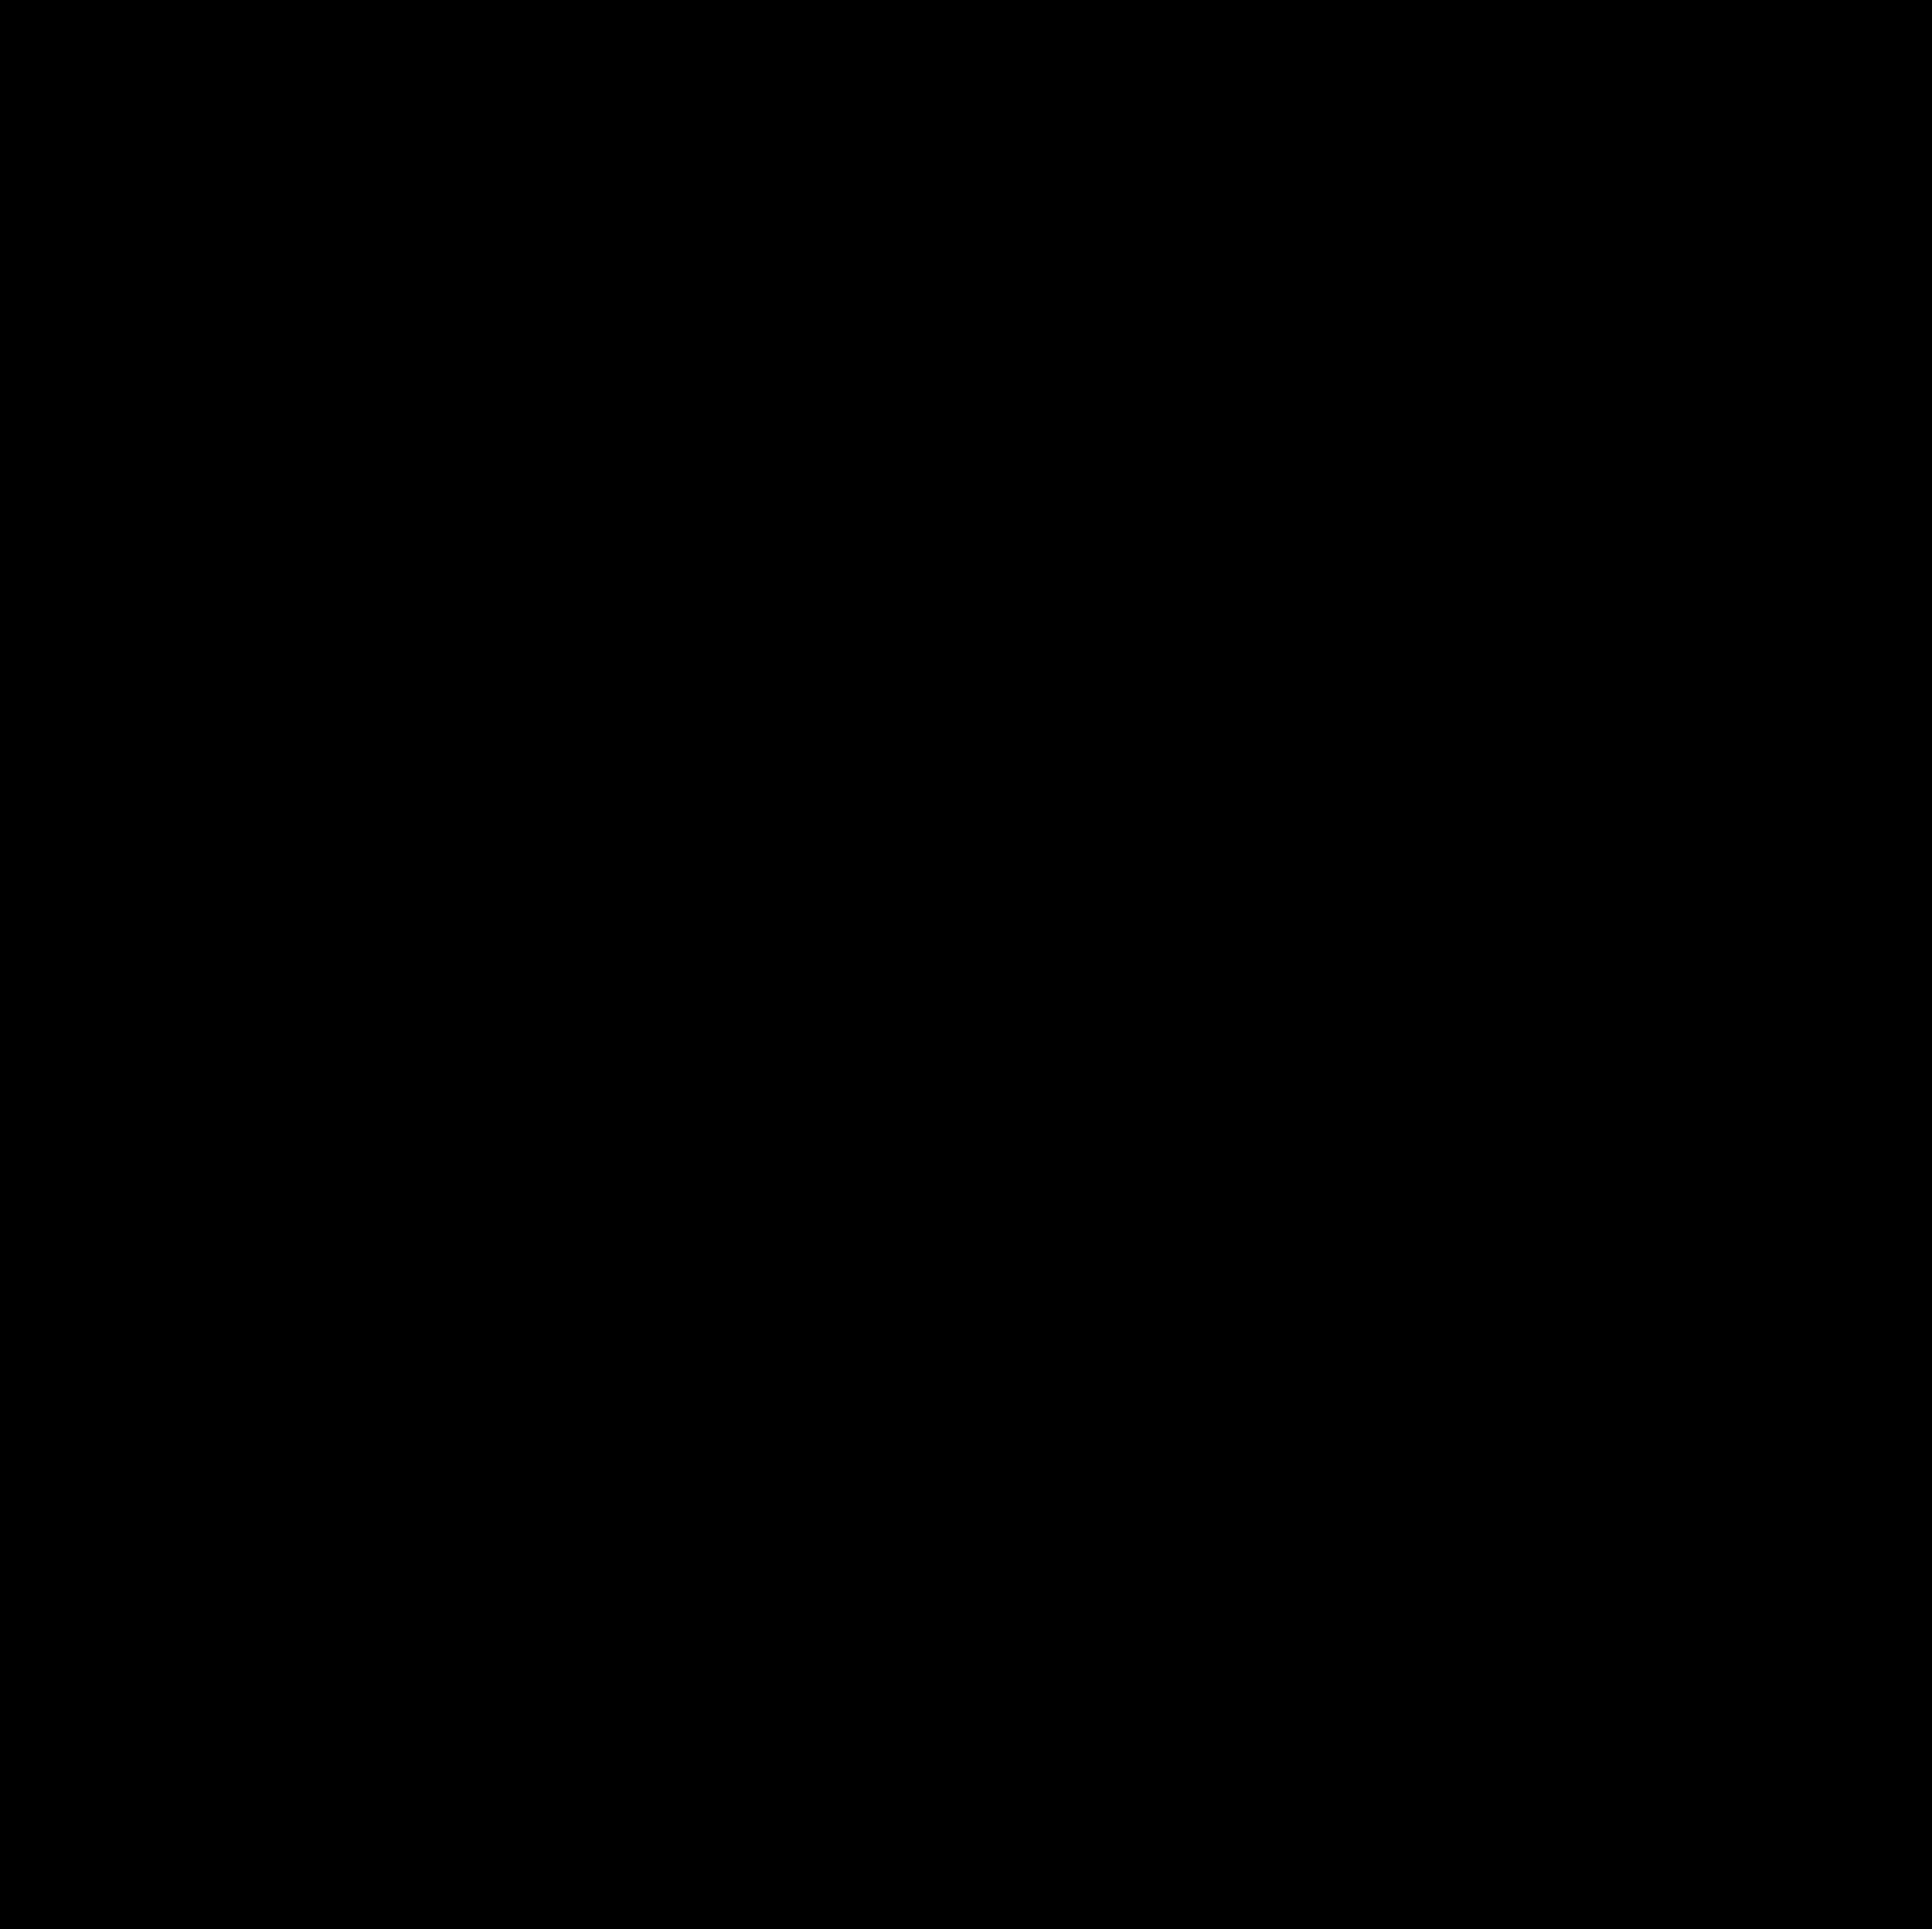 Alur Bayar Belanja Online.png